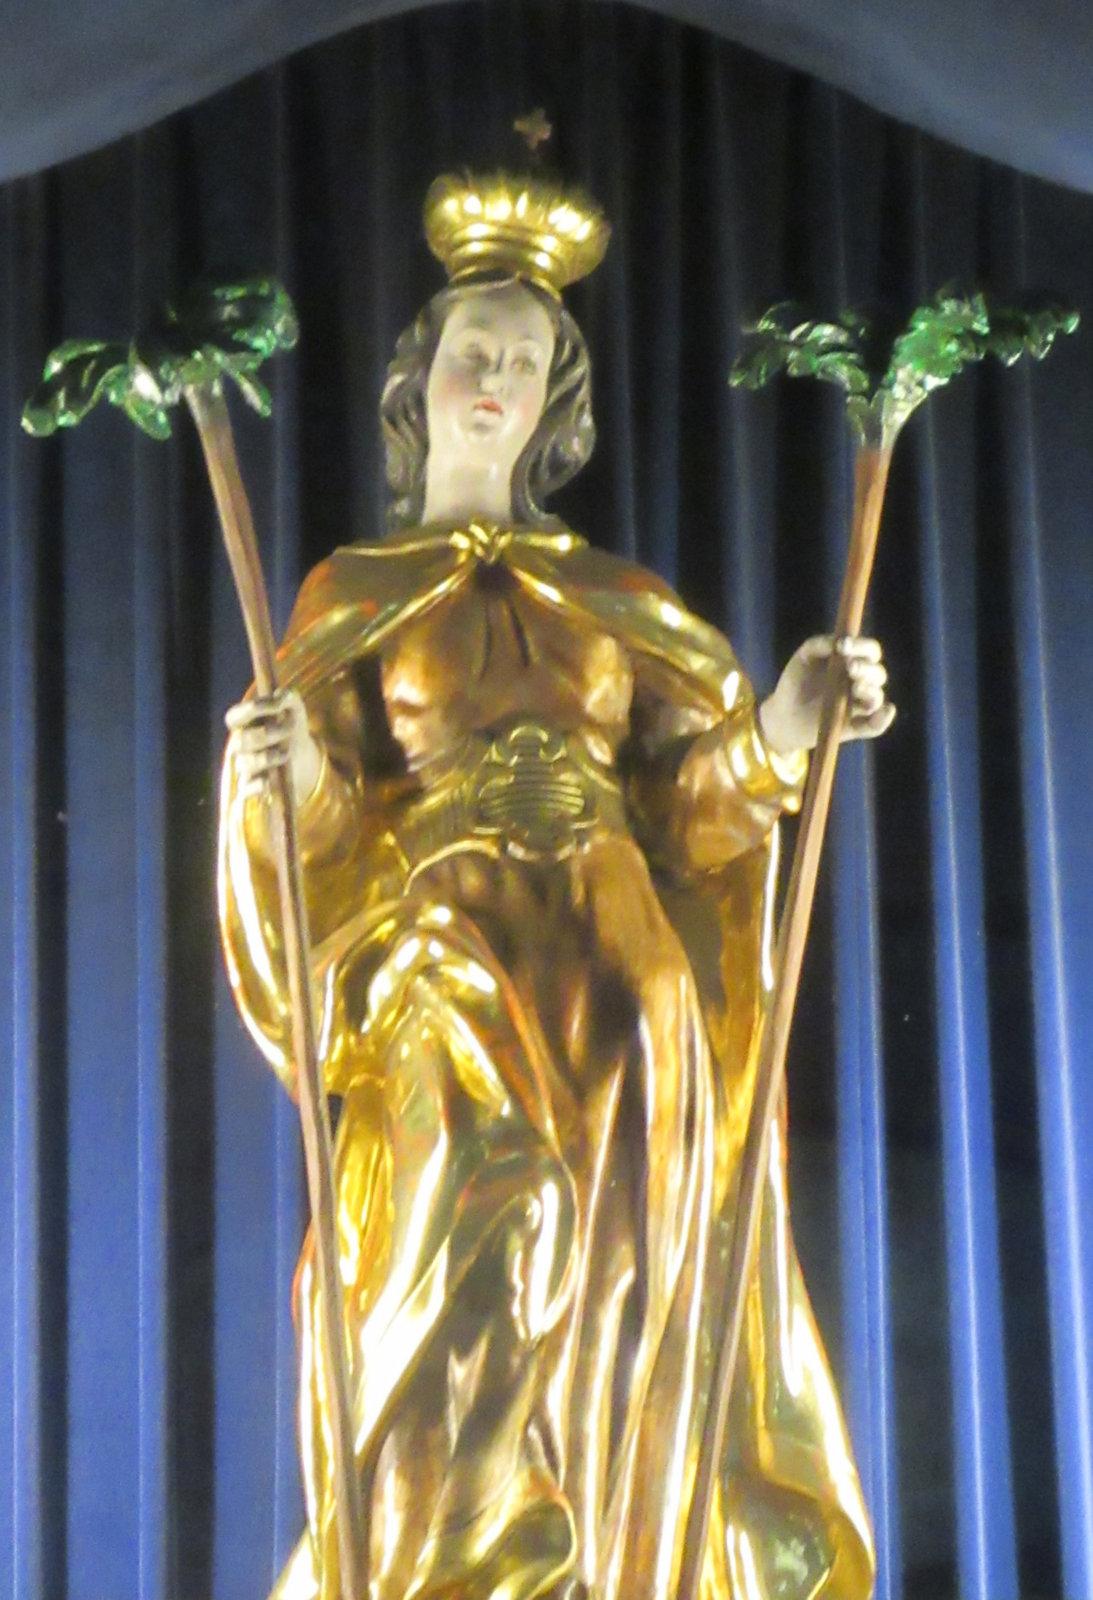 Statue, um 1859, am Hochaltar der Pfarrkirche in St. Corona am Wechsel